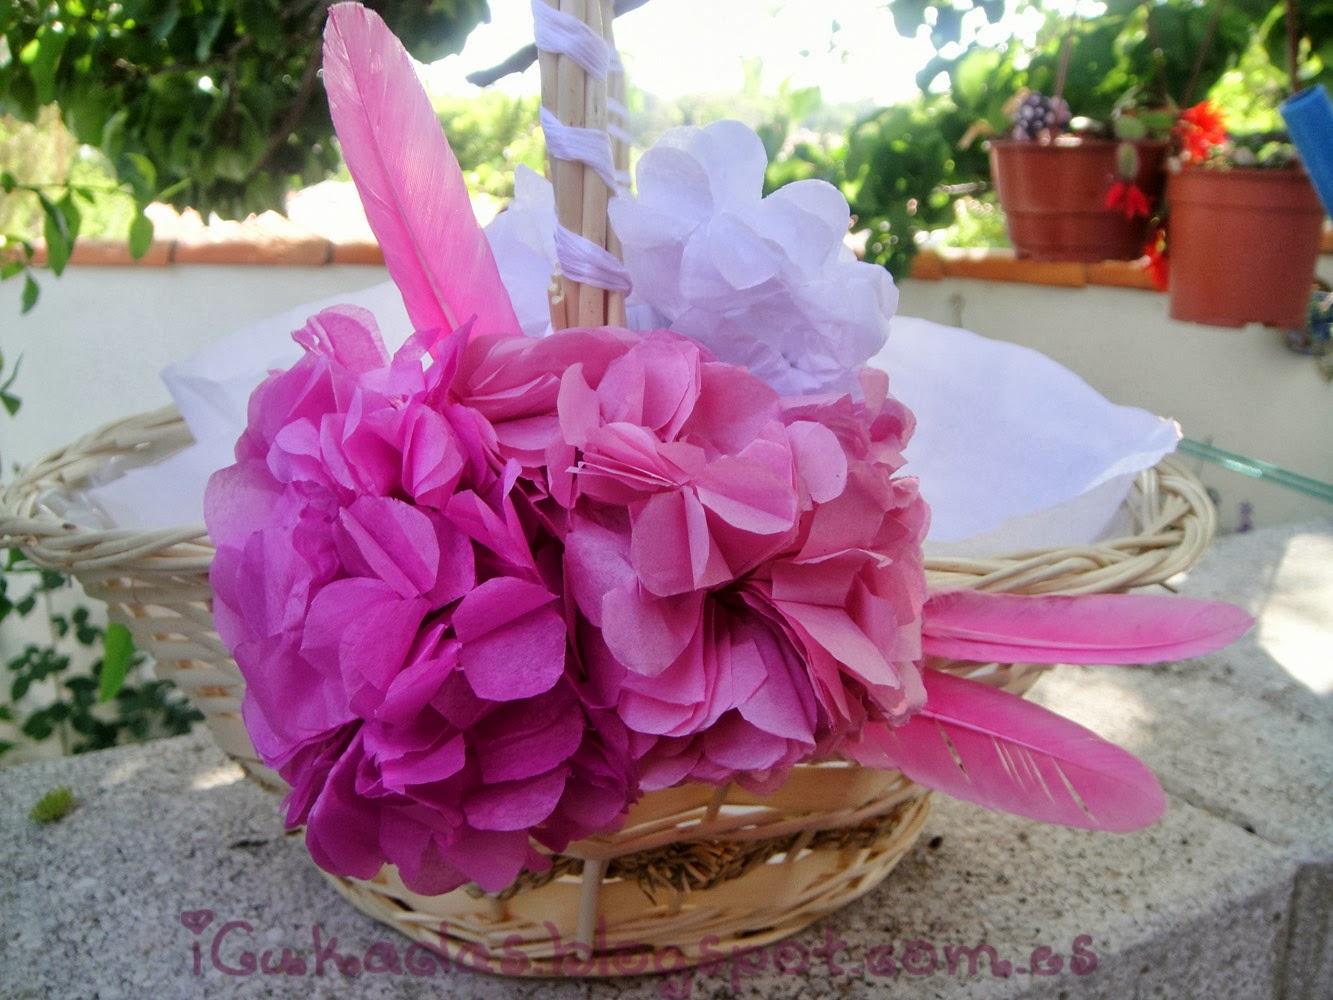 iCukadas Tutorial Como decorar una cesta para regalos de boda